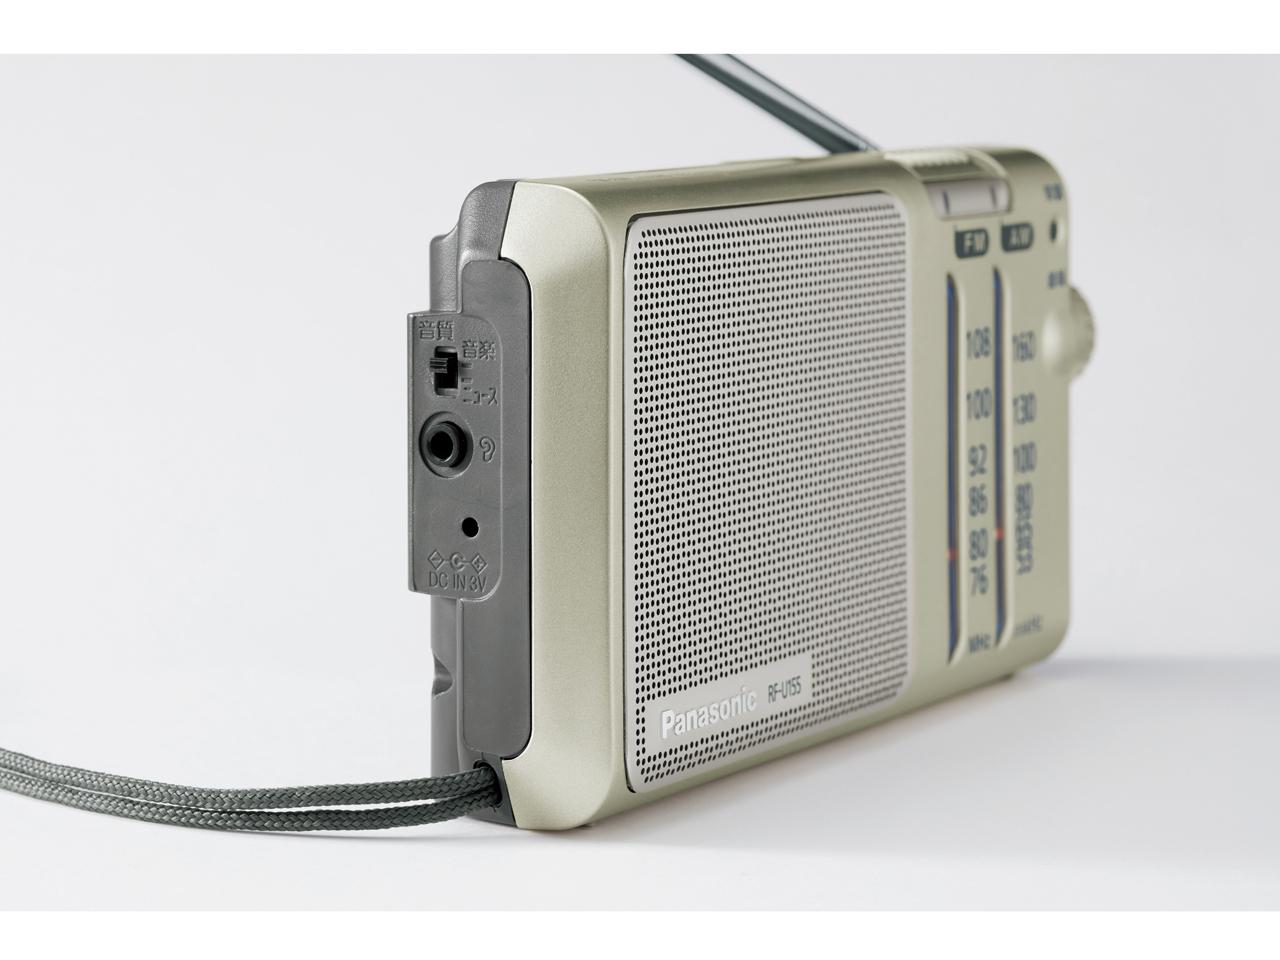 『本体 斜め2』 RF-U155 の製品画像